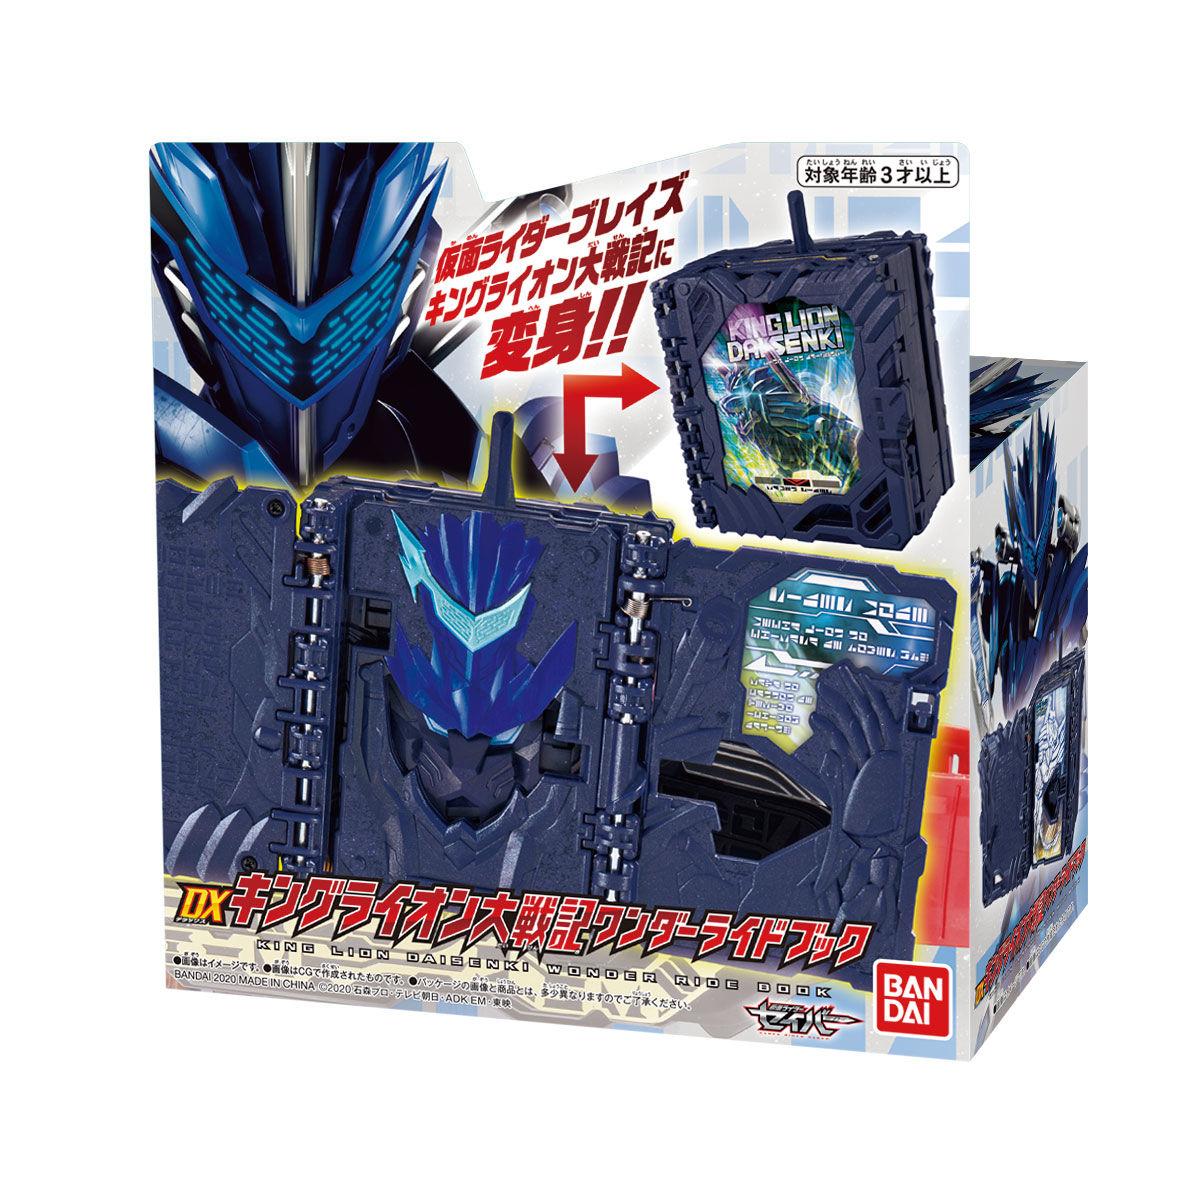 仮面ライダーセイバー『DXキングライオン大戦記ワンダーライドブック』変身なりきり-010